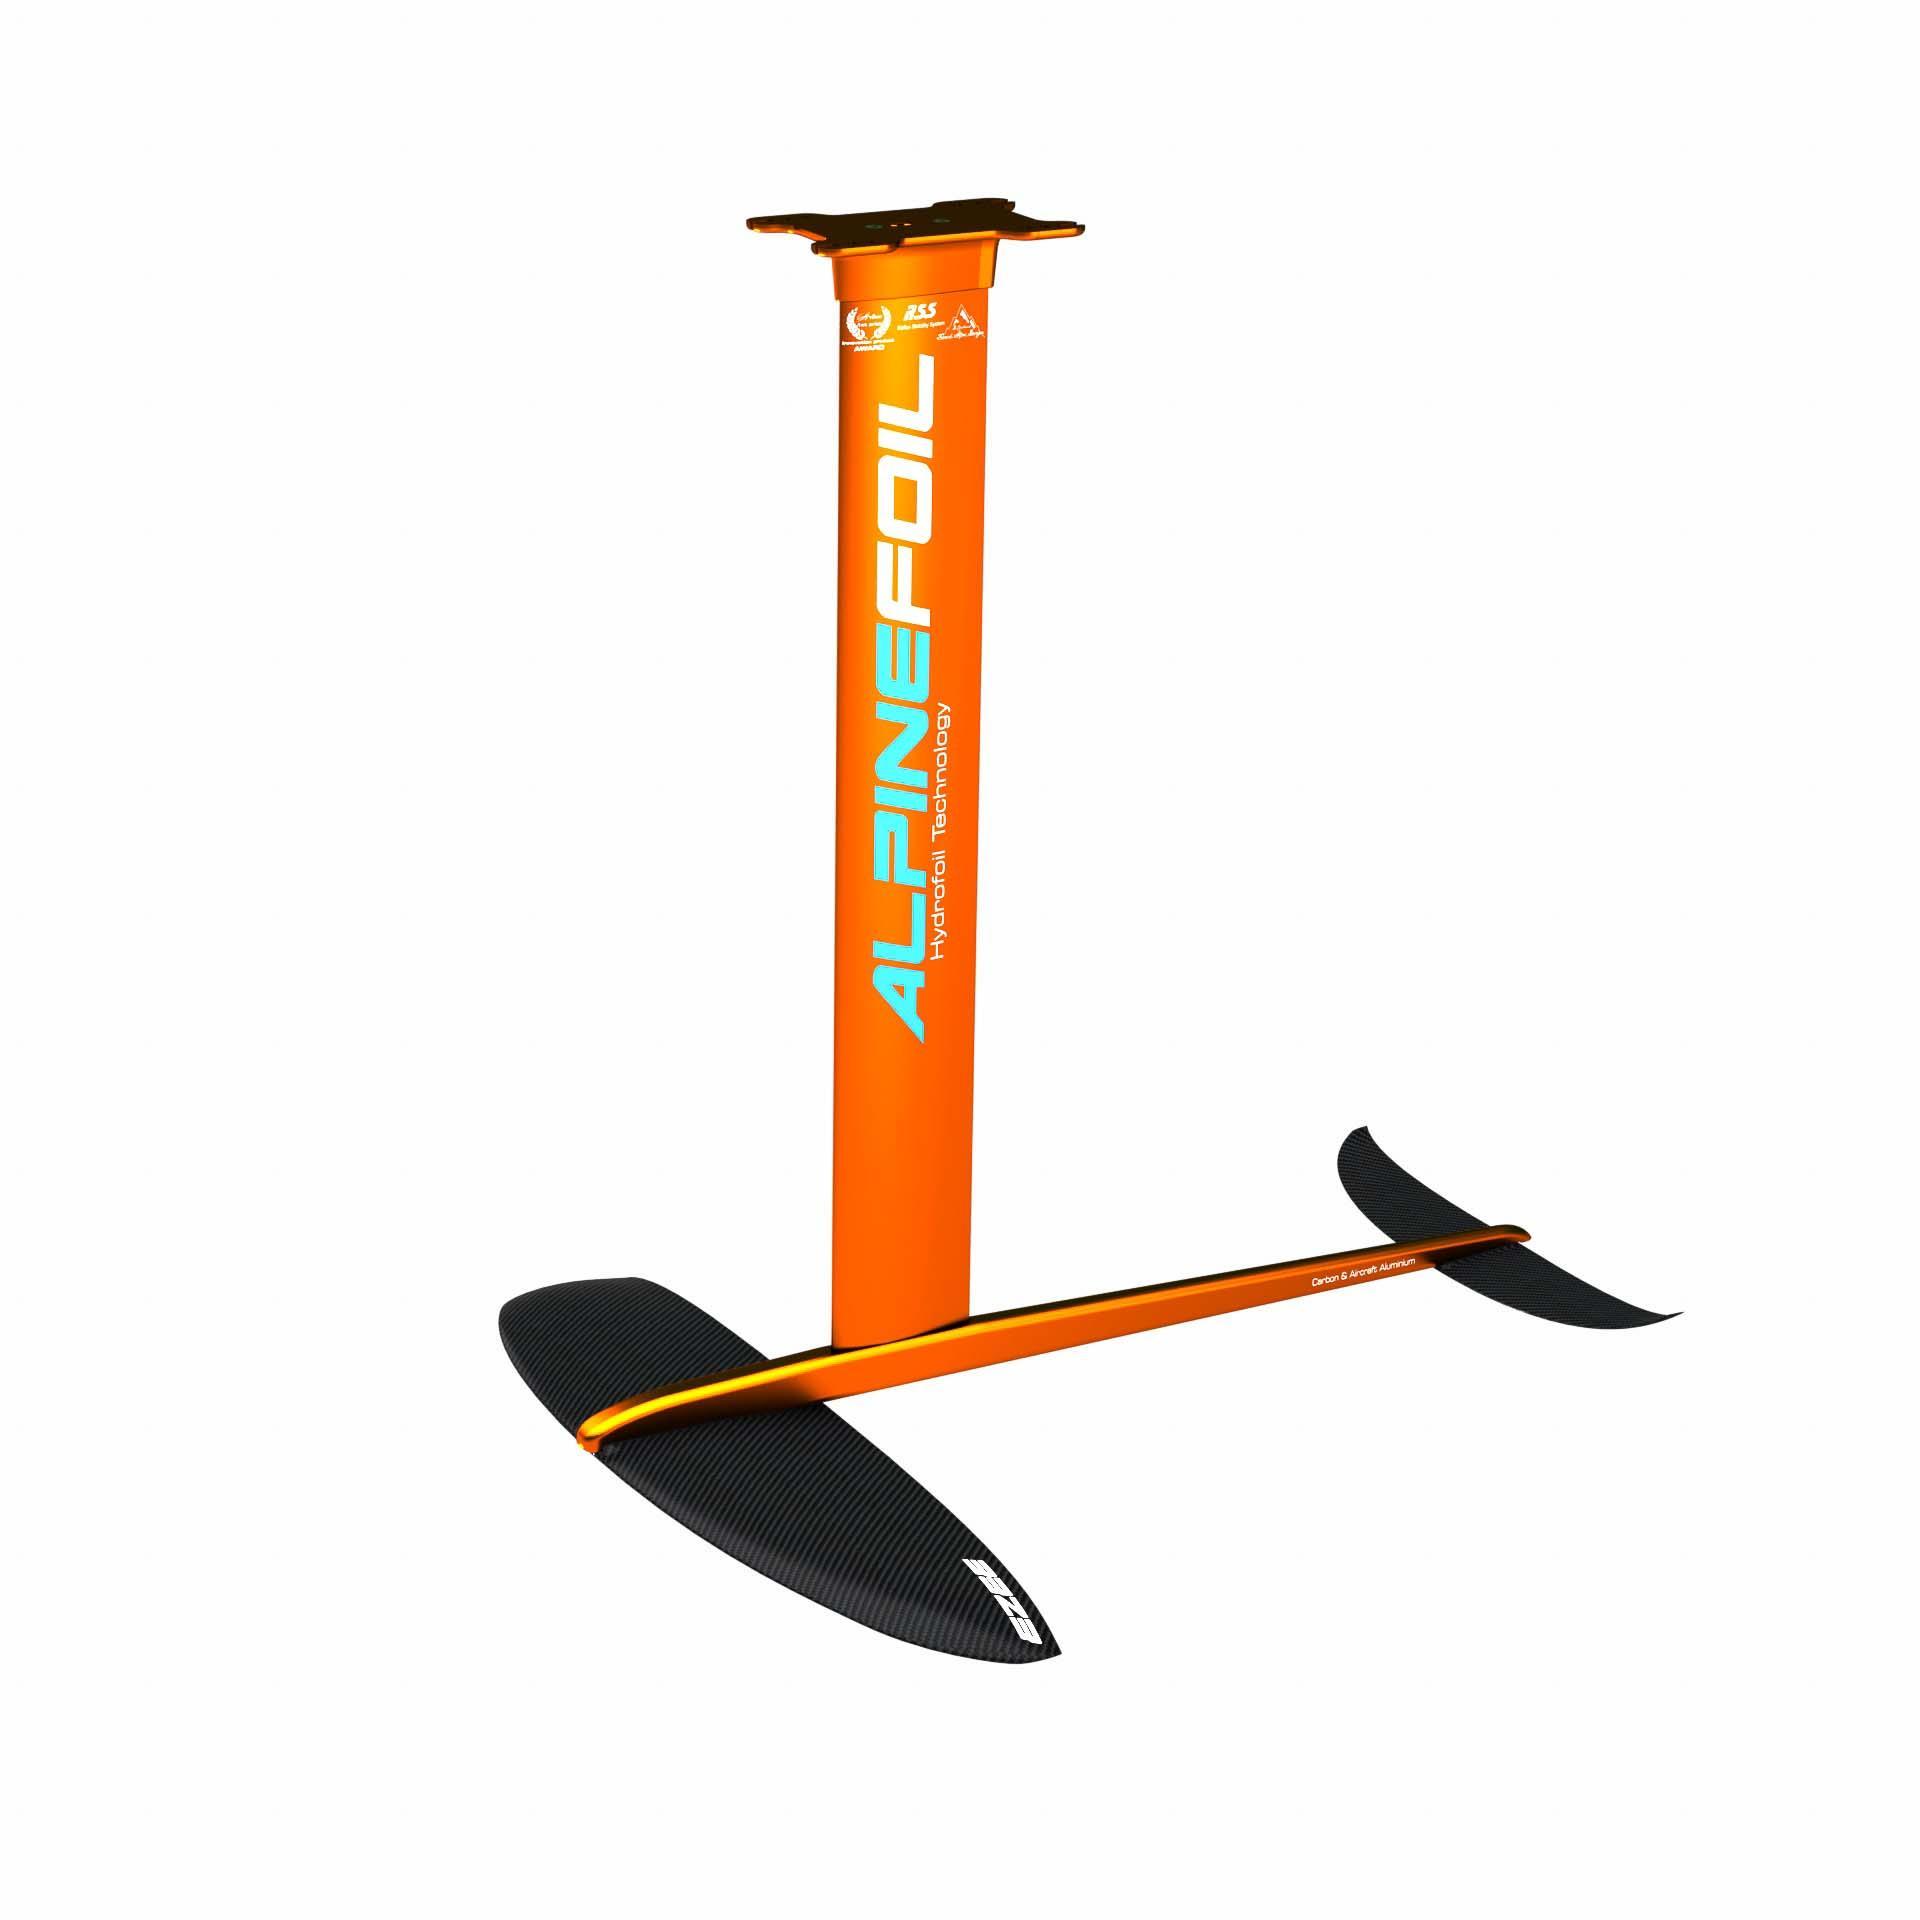 Kitefoil alpinefoil origin 27